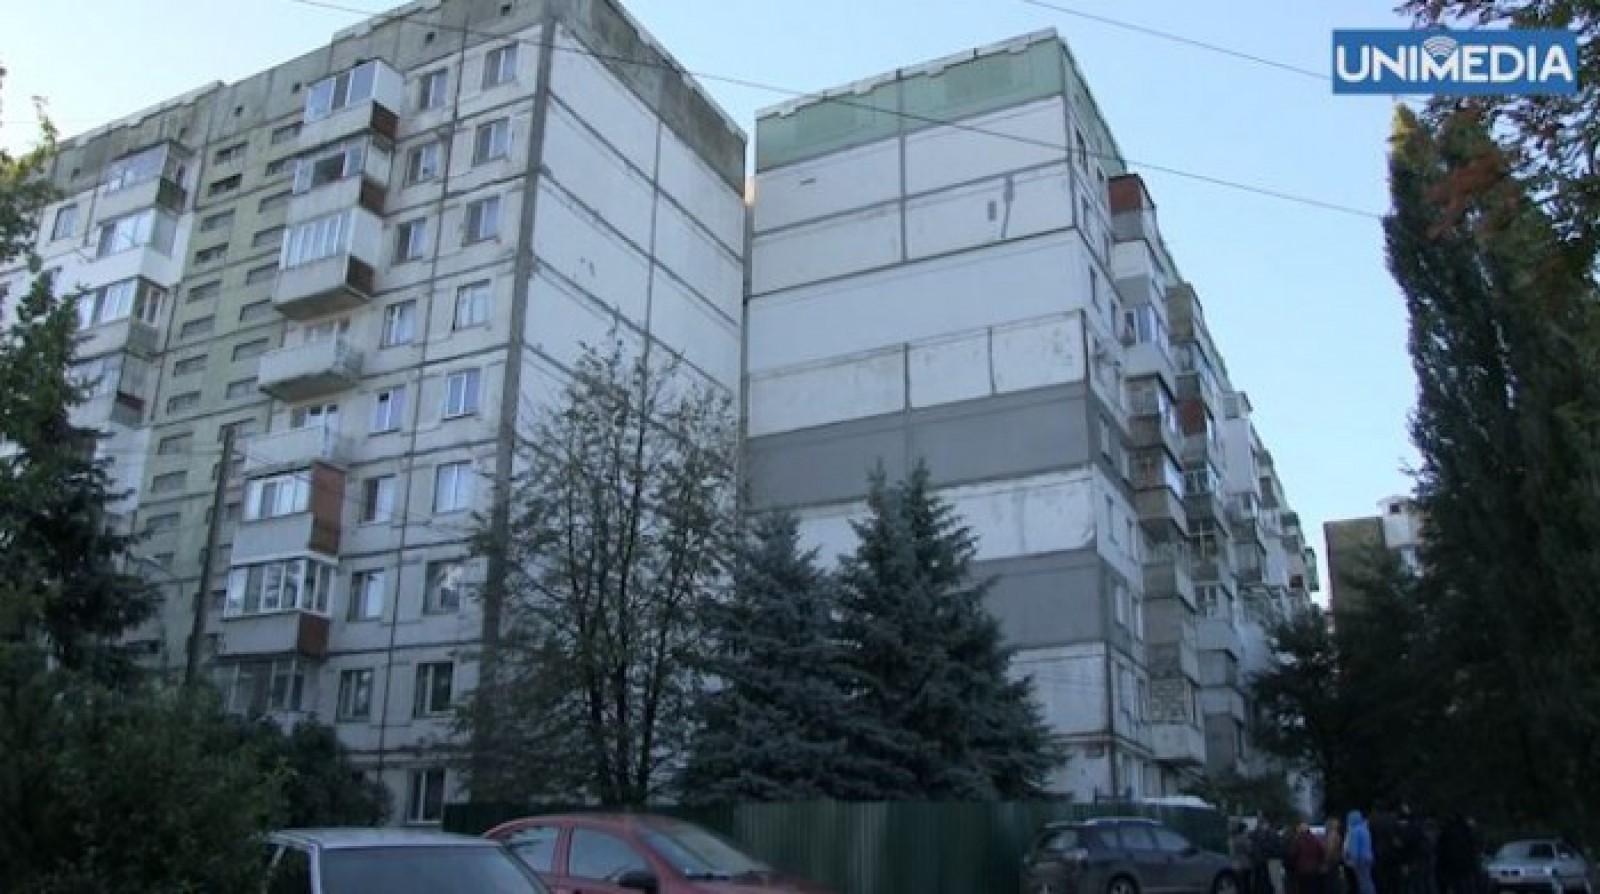 Sfârșit tragic: Un student s-a aruncat de la etajul 16 al unui bloc de pe strada Ismail